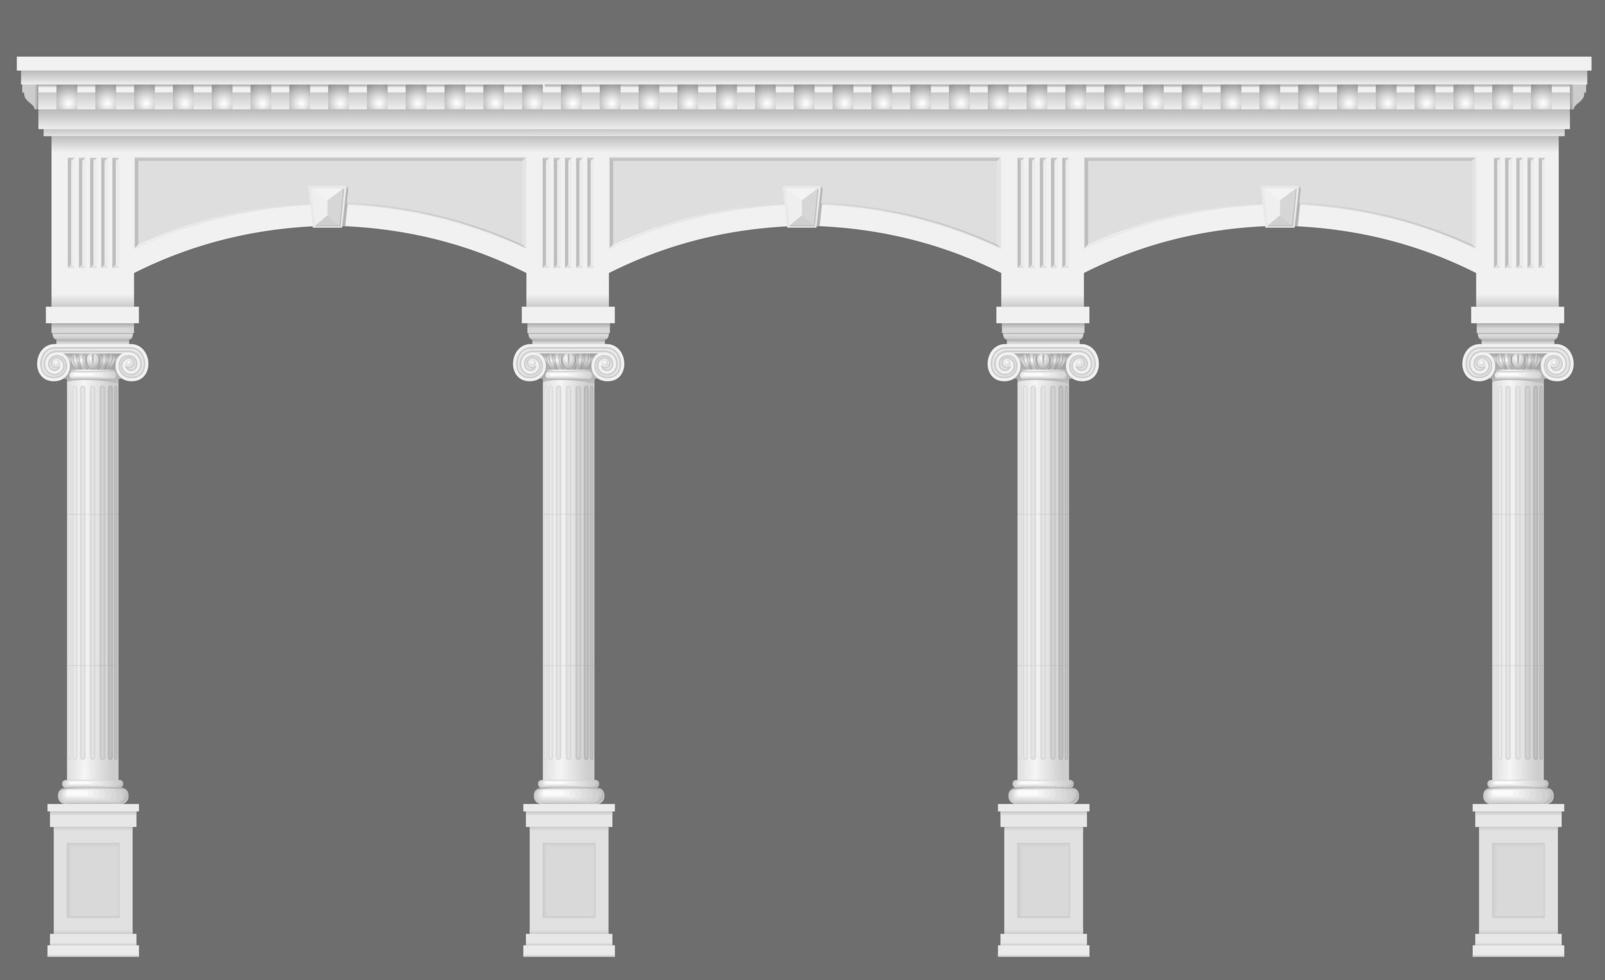 colunata branca antiga com arcos vetor